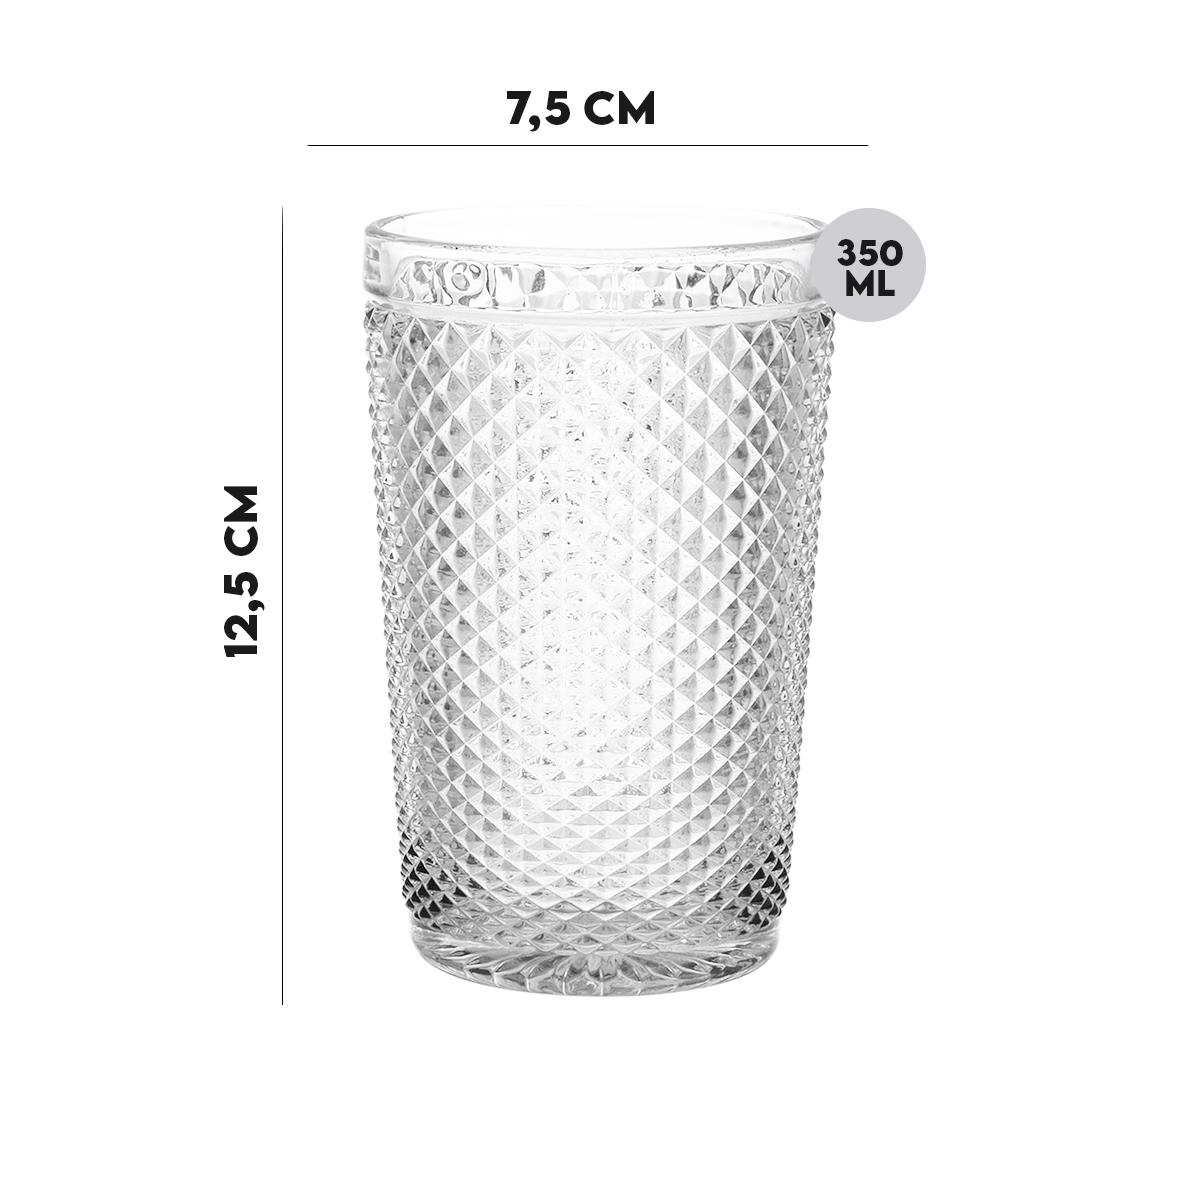 Copo de Vidro Imperial Transparente 350 ml  - Lemis